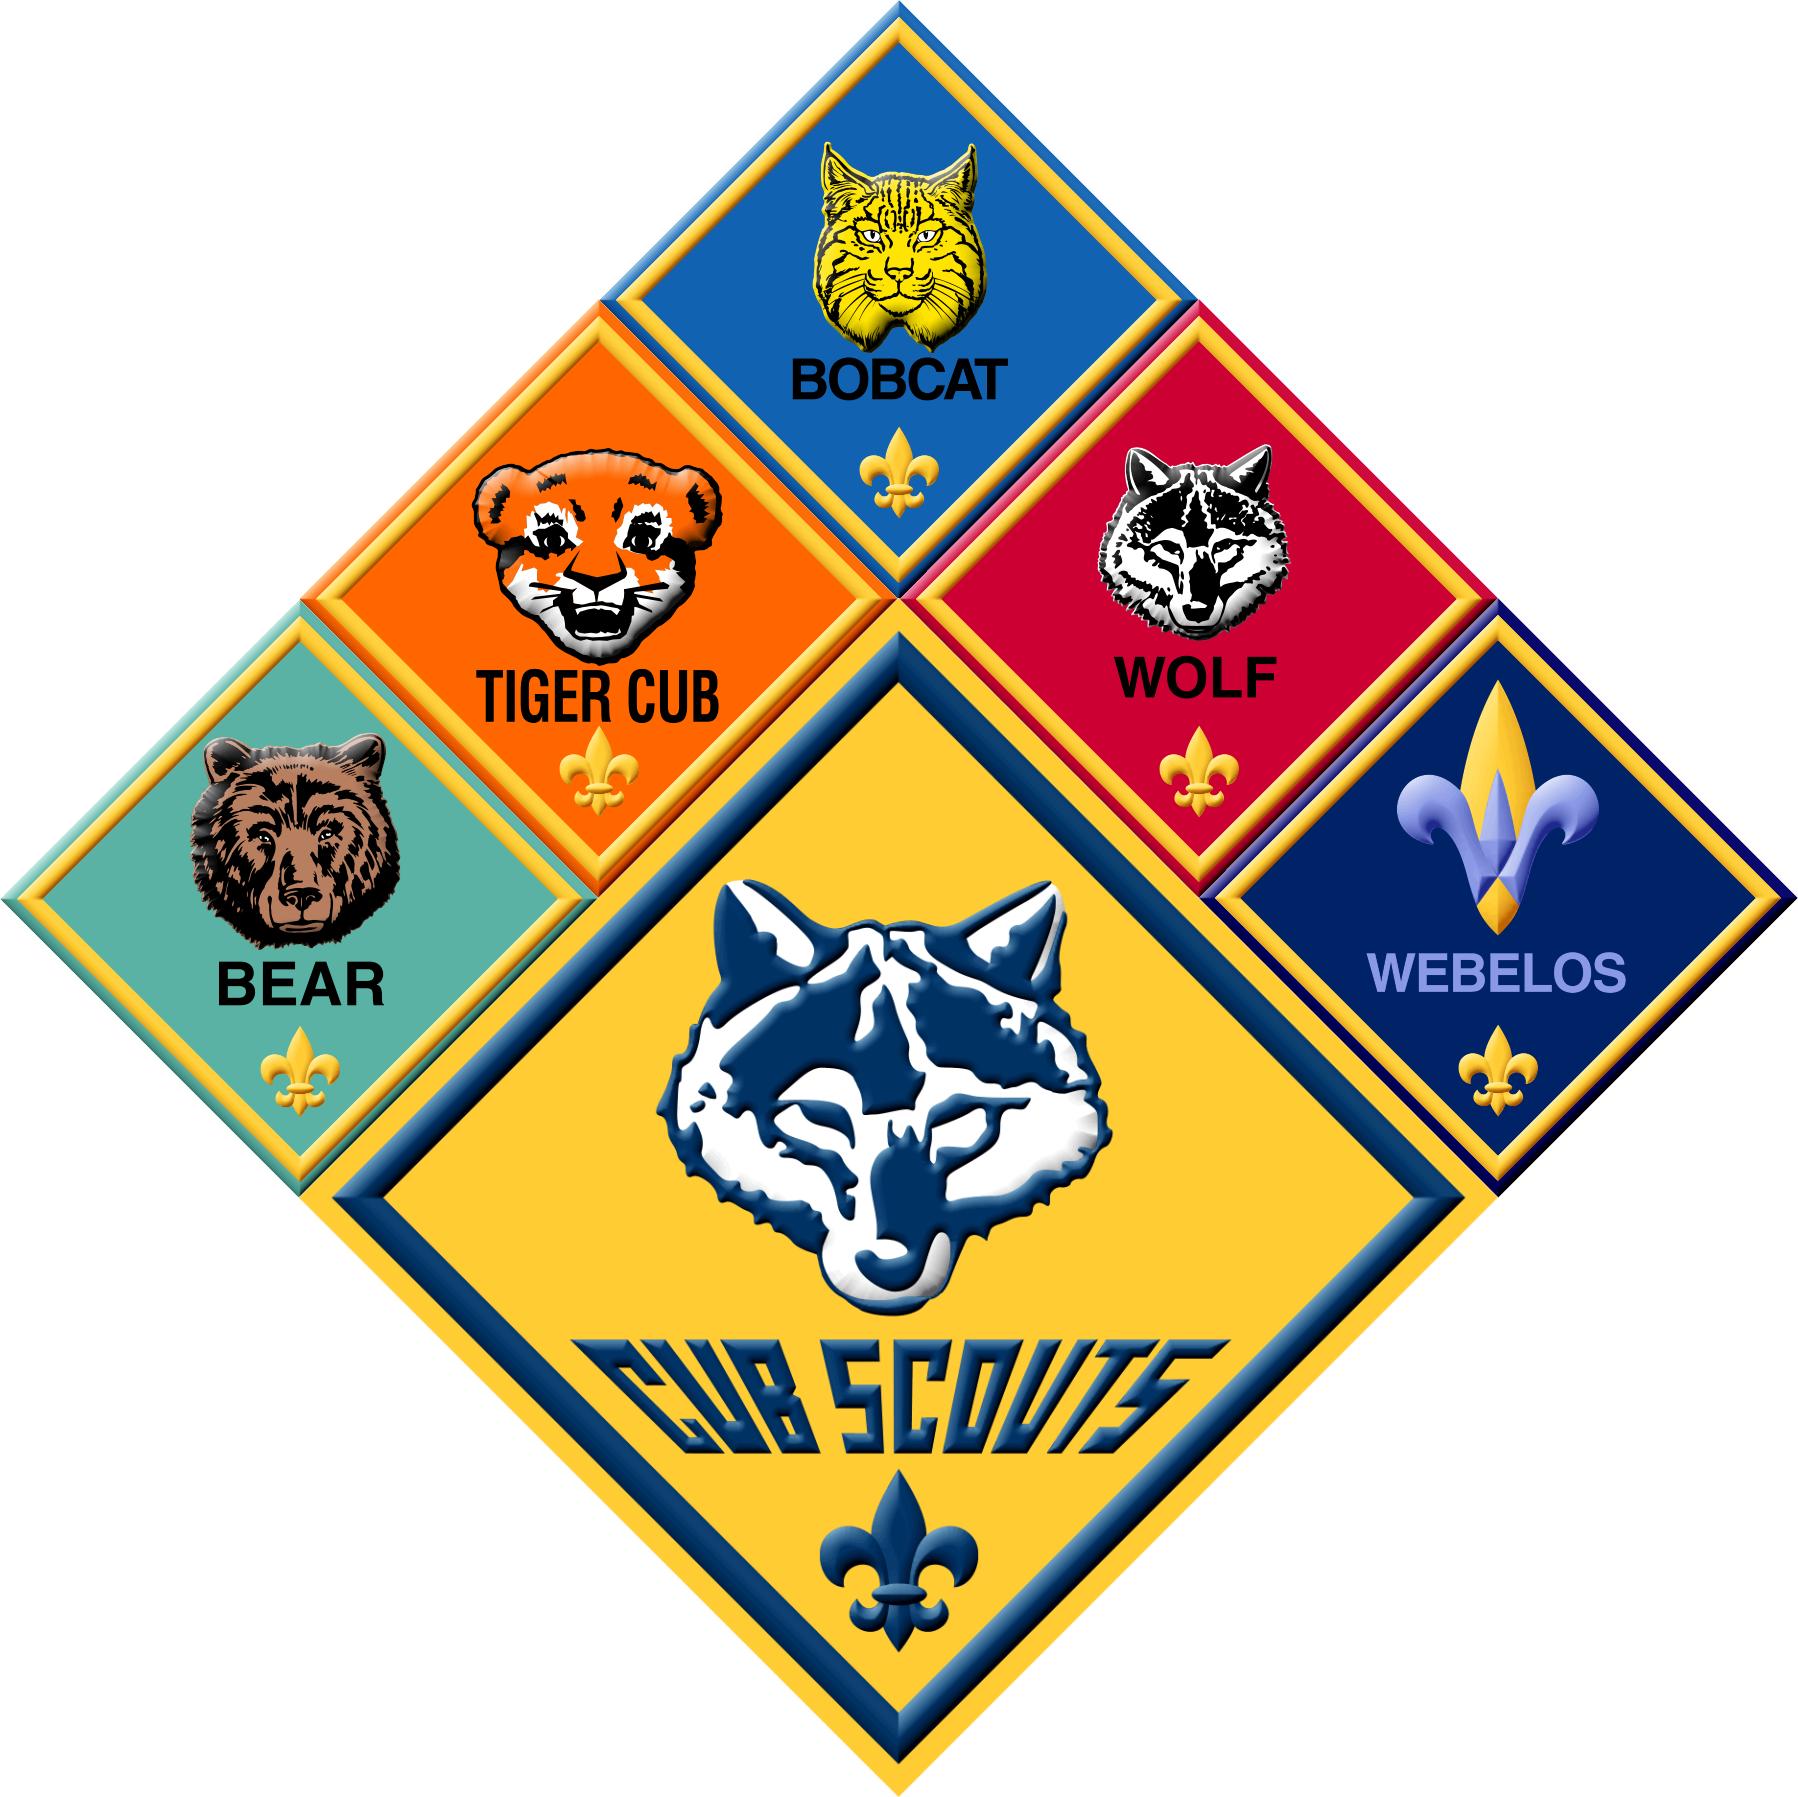 Clovis Pack 59 Cub Scouts Cub Scout Corner More - Boy Scouts PNG HD